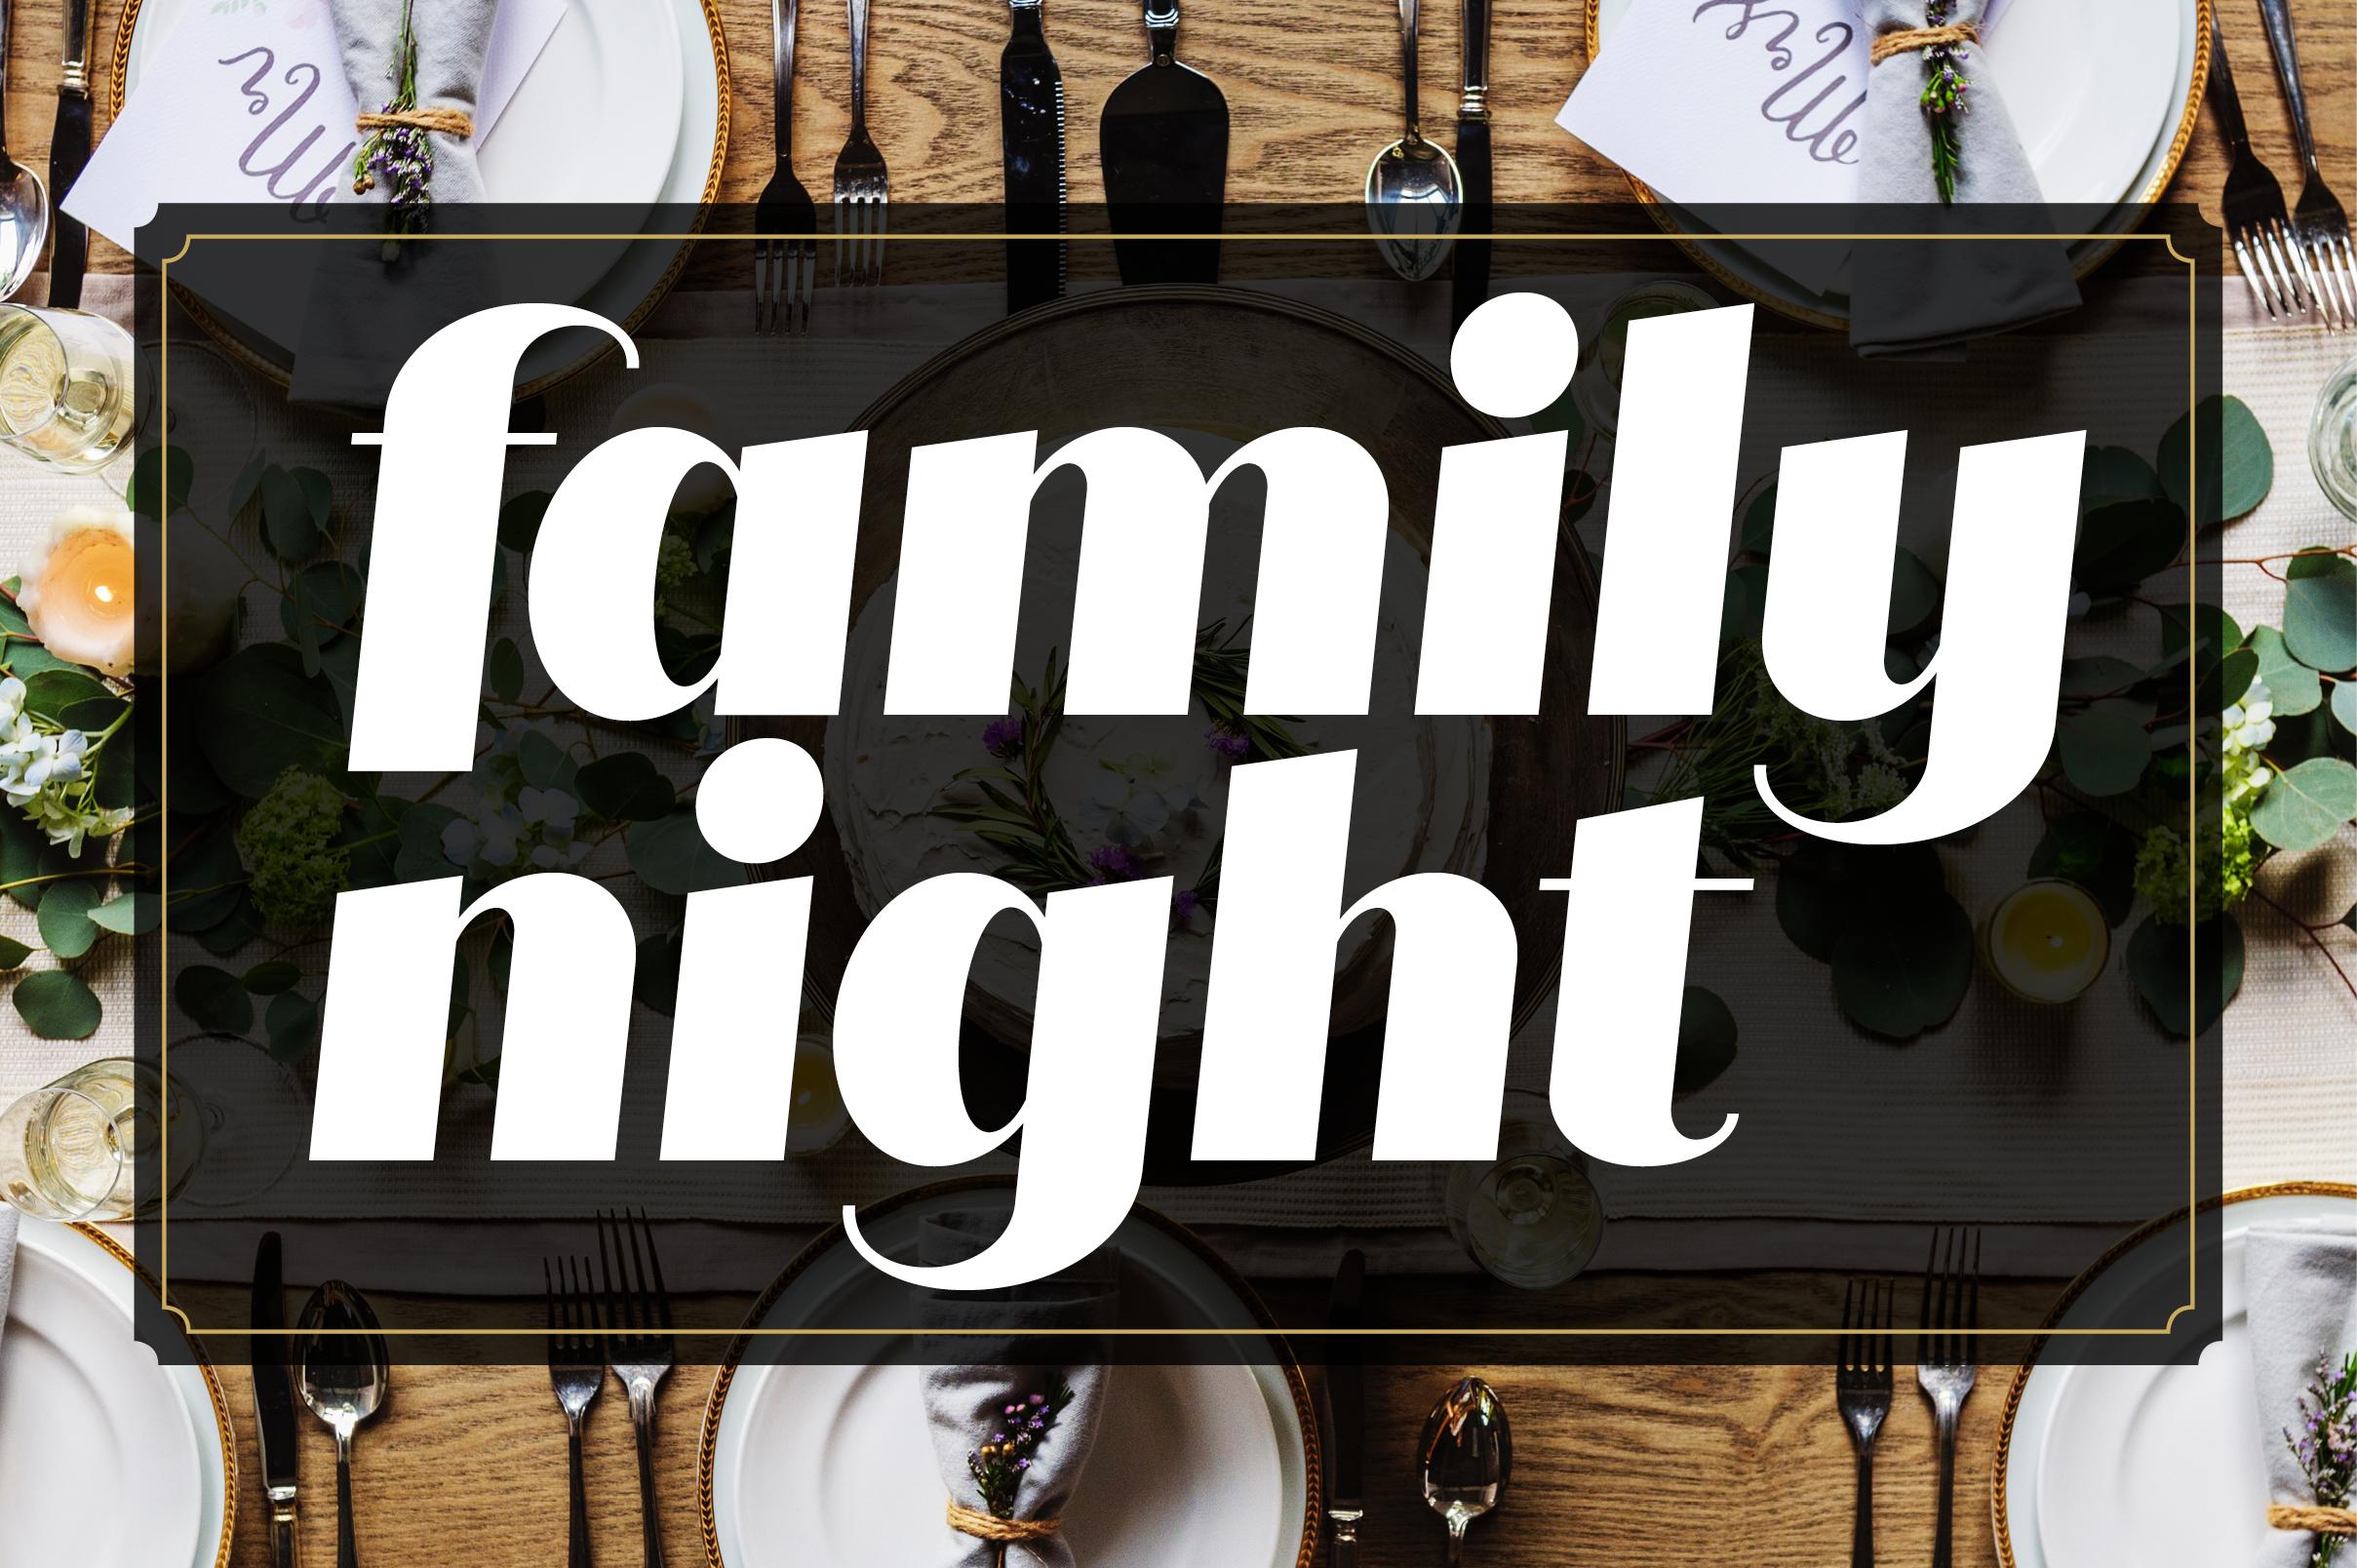 Quiche Sans Font Family example image 7